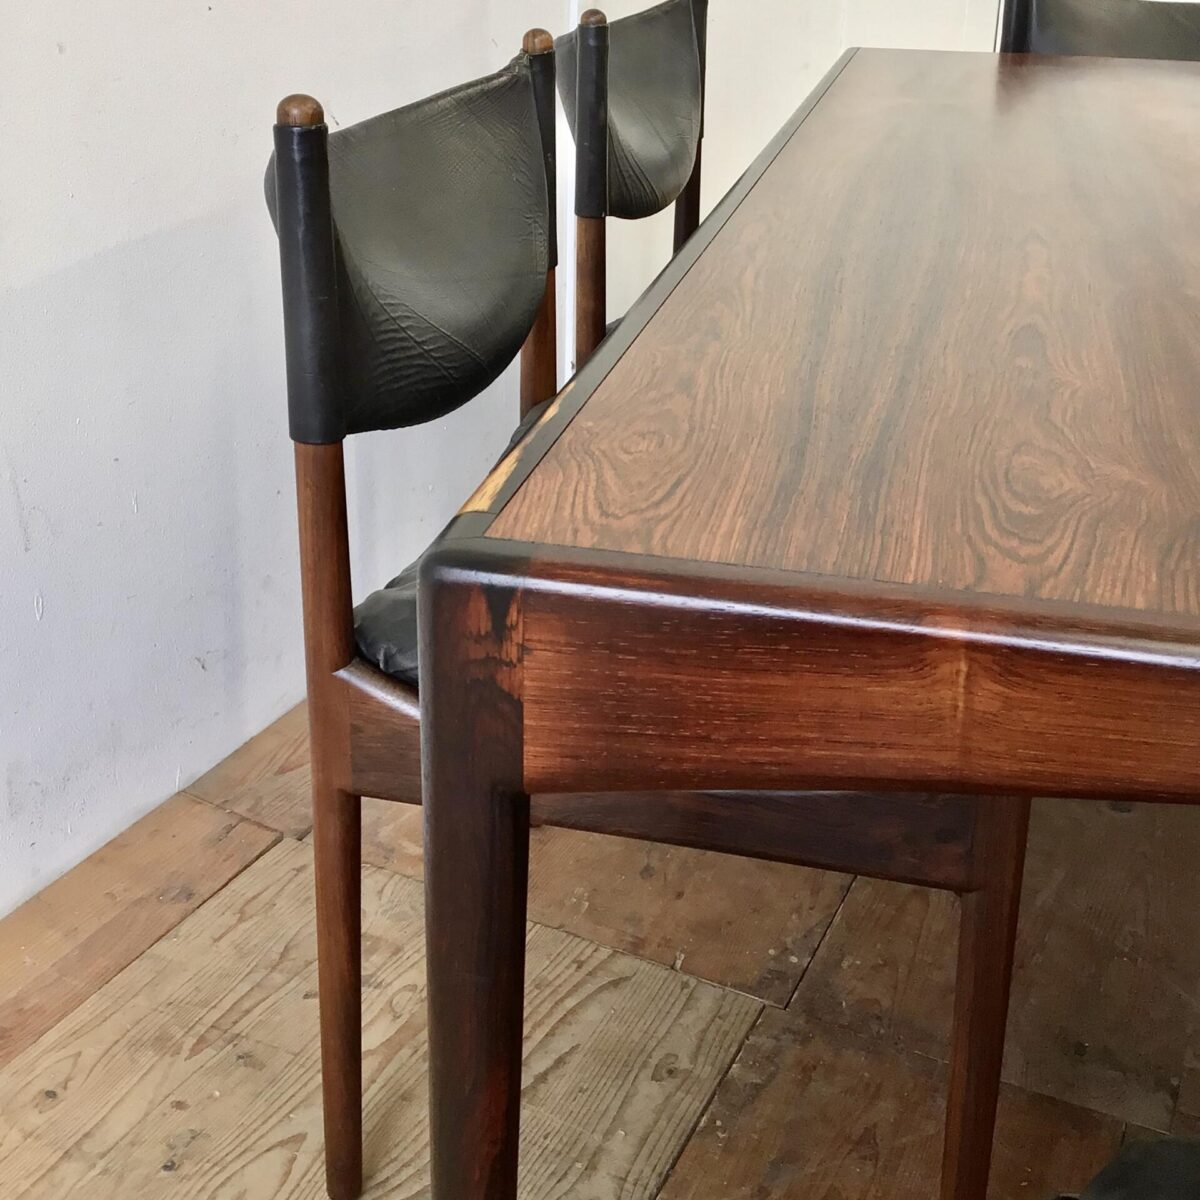 Dänisches Esszimmer Set aus der Modus Serie von Kristian Solmer Vedel, für Søren Willadsen 60er Jahre. Palisander Tisch 180x90cm Höhe 66cm. Mit 6 passenden Stühlen Sitzhöhe 42cm. Der Tisch ist im Vergleich zu anderen Tischen eher niedrig, in Kombination mit den Stühlen stimmt das Verhältnis und ist recht angenehm.